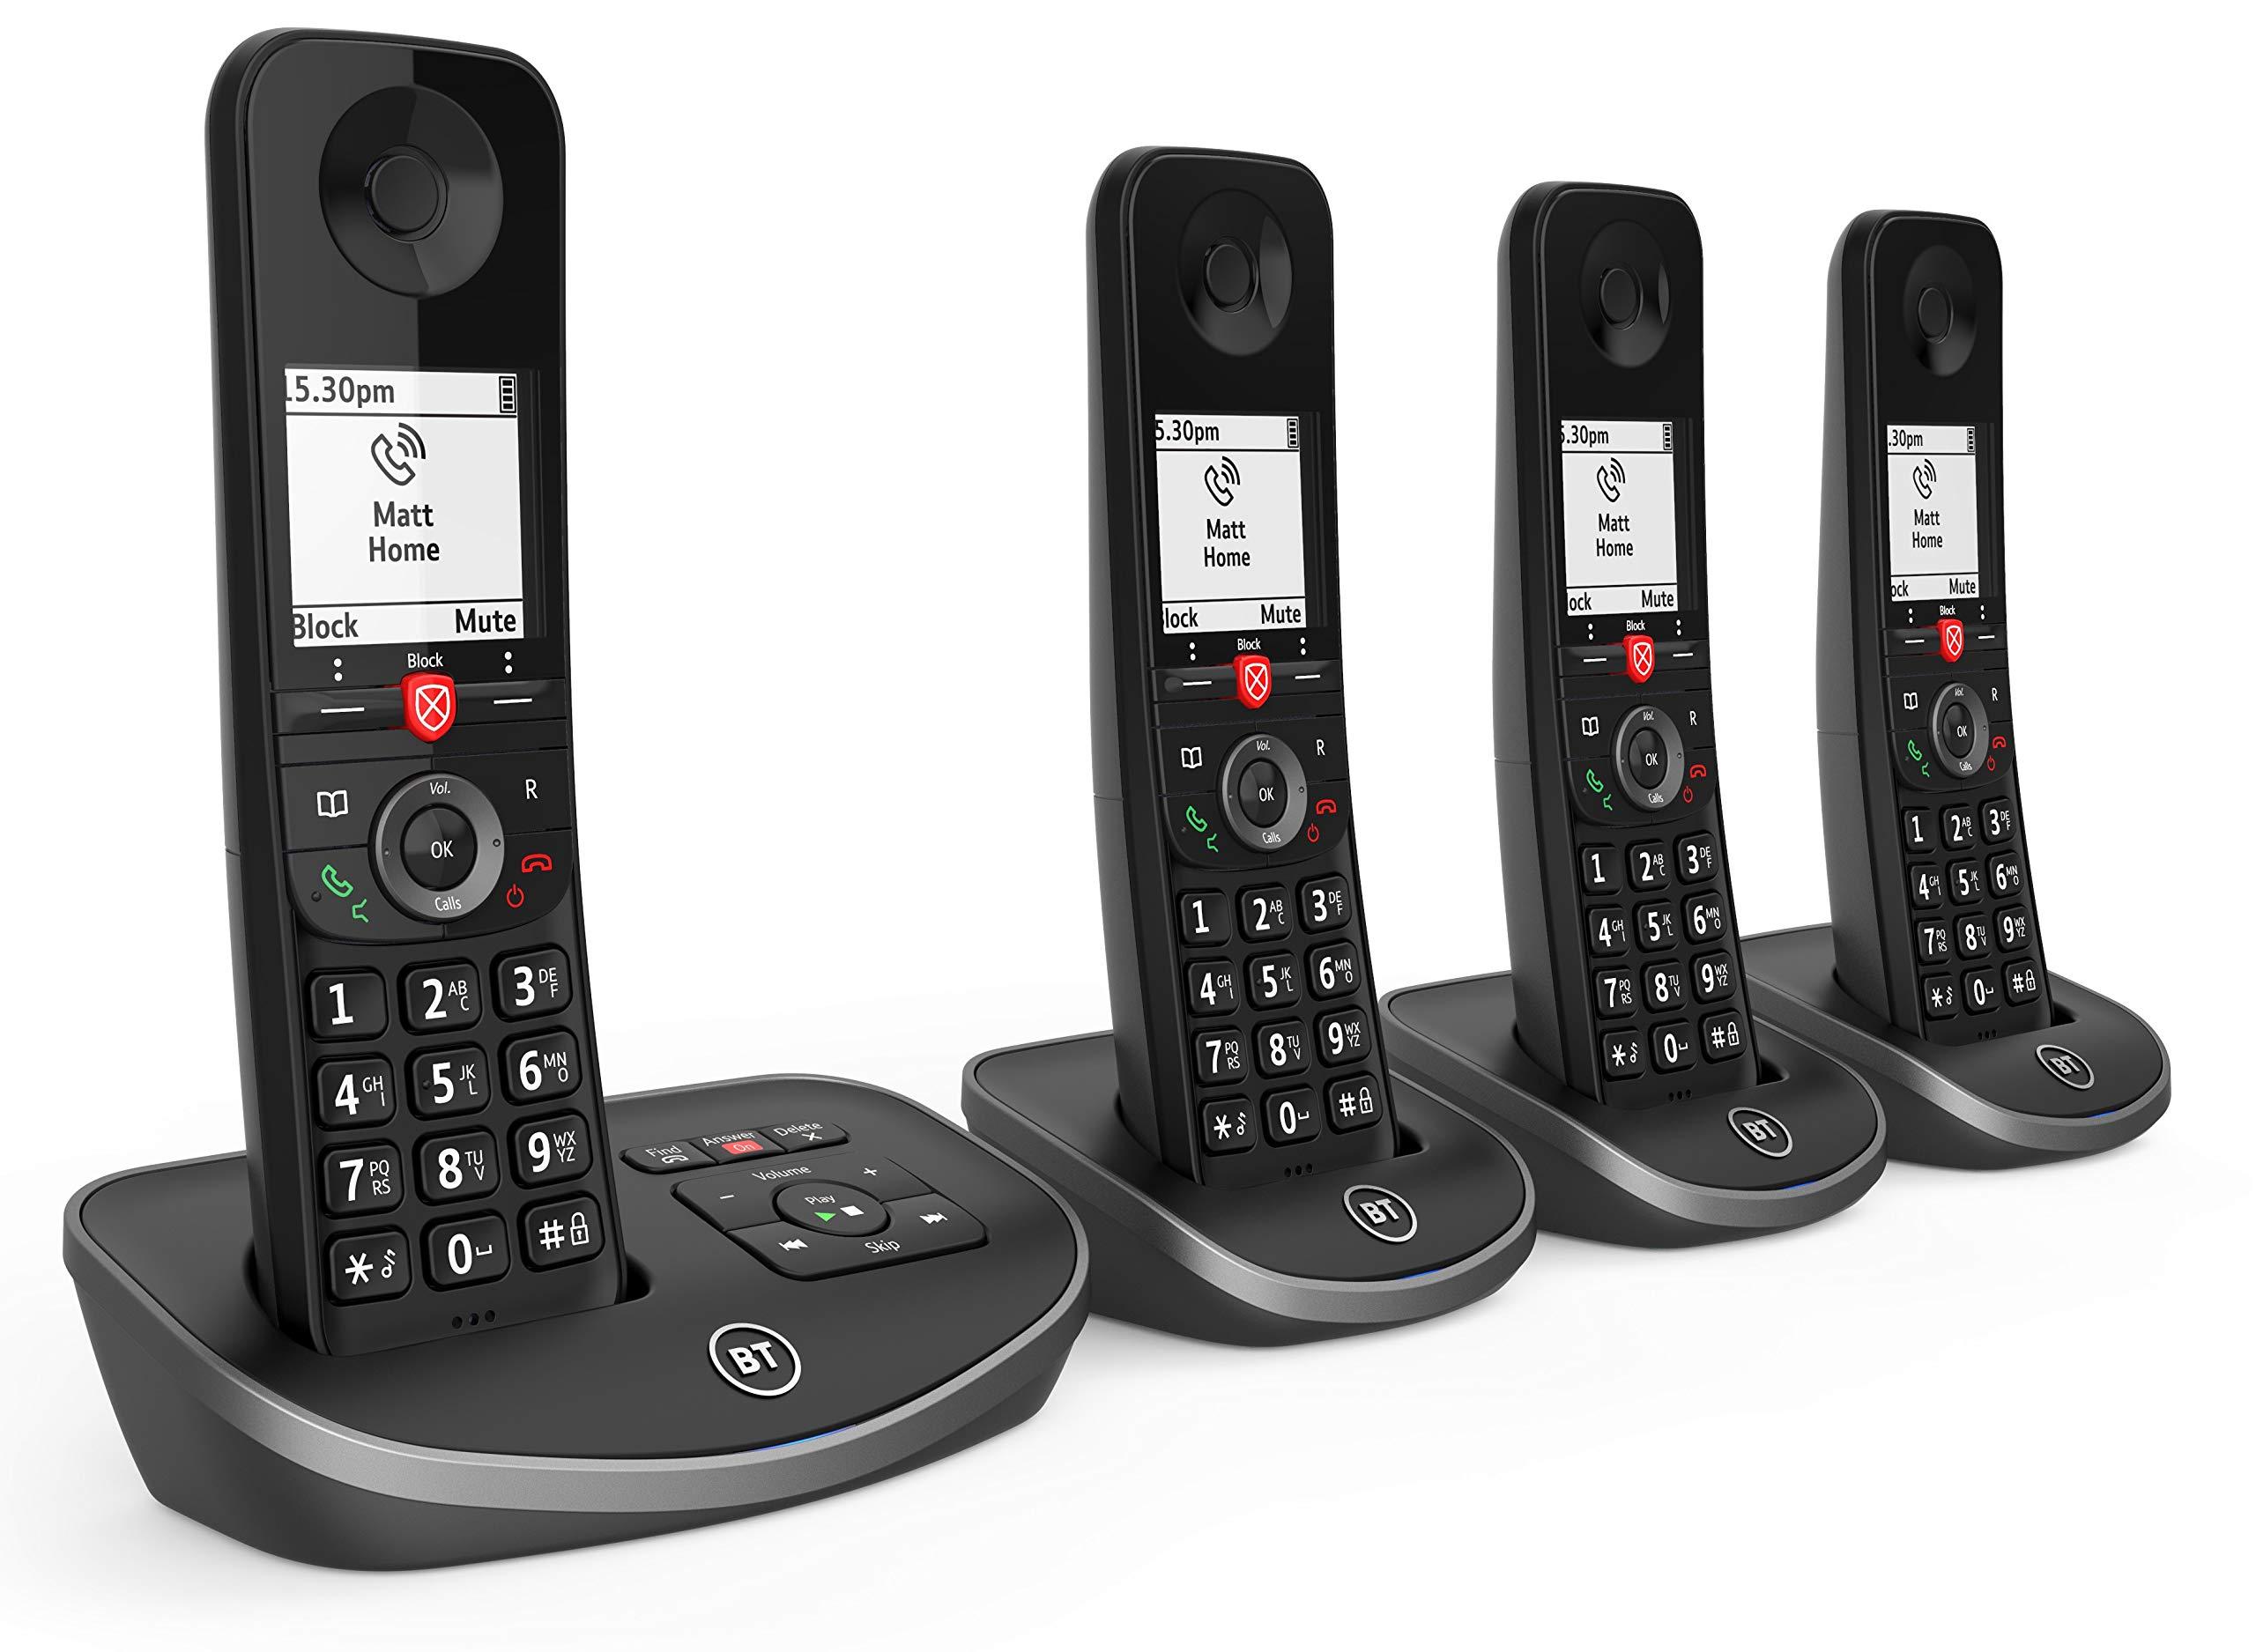 BT Avanzada inalámbrico Teléfono de la casa con un 100% de Llamadas molestas Bloqueo y un contestador automático, teléfono de cuádruple Paquete: Amazon.es: Electrónica